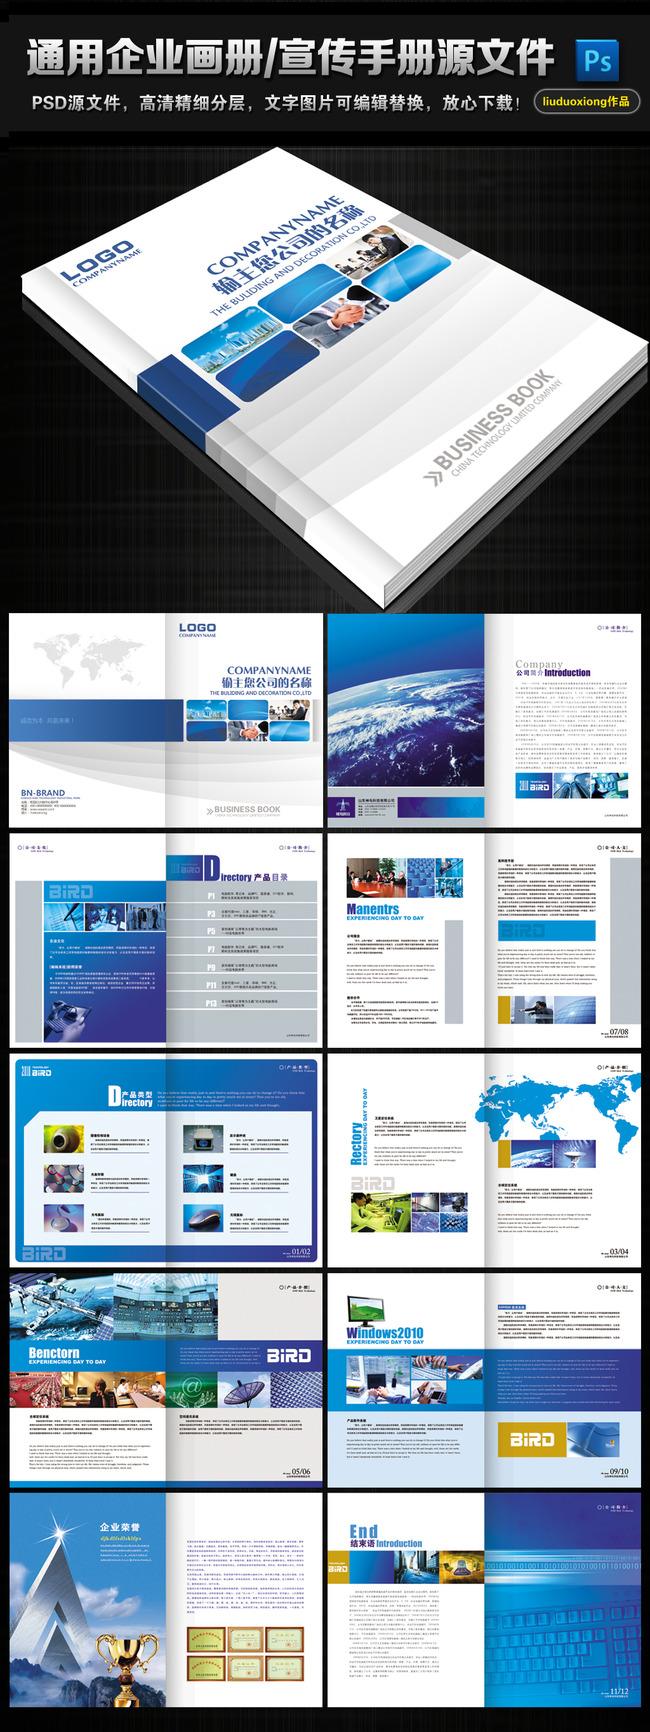 时尚蓝色创意公司文化企业画册产品宣传册模板下载图片